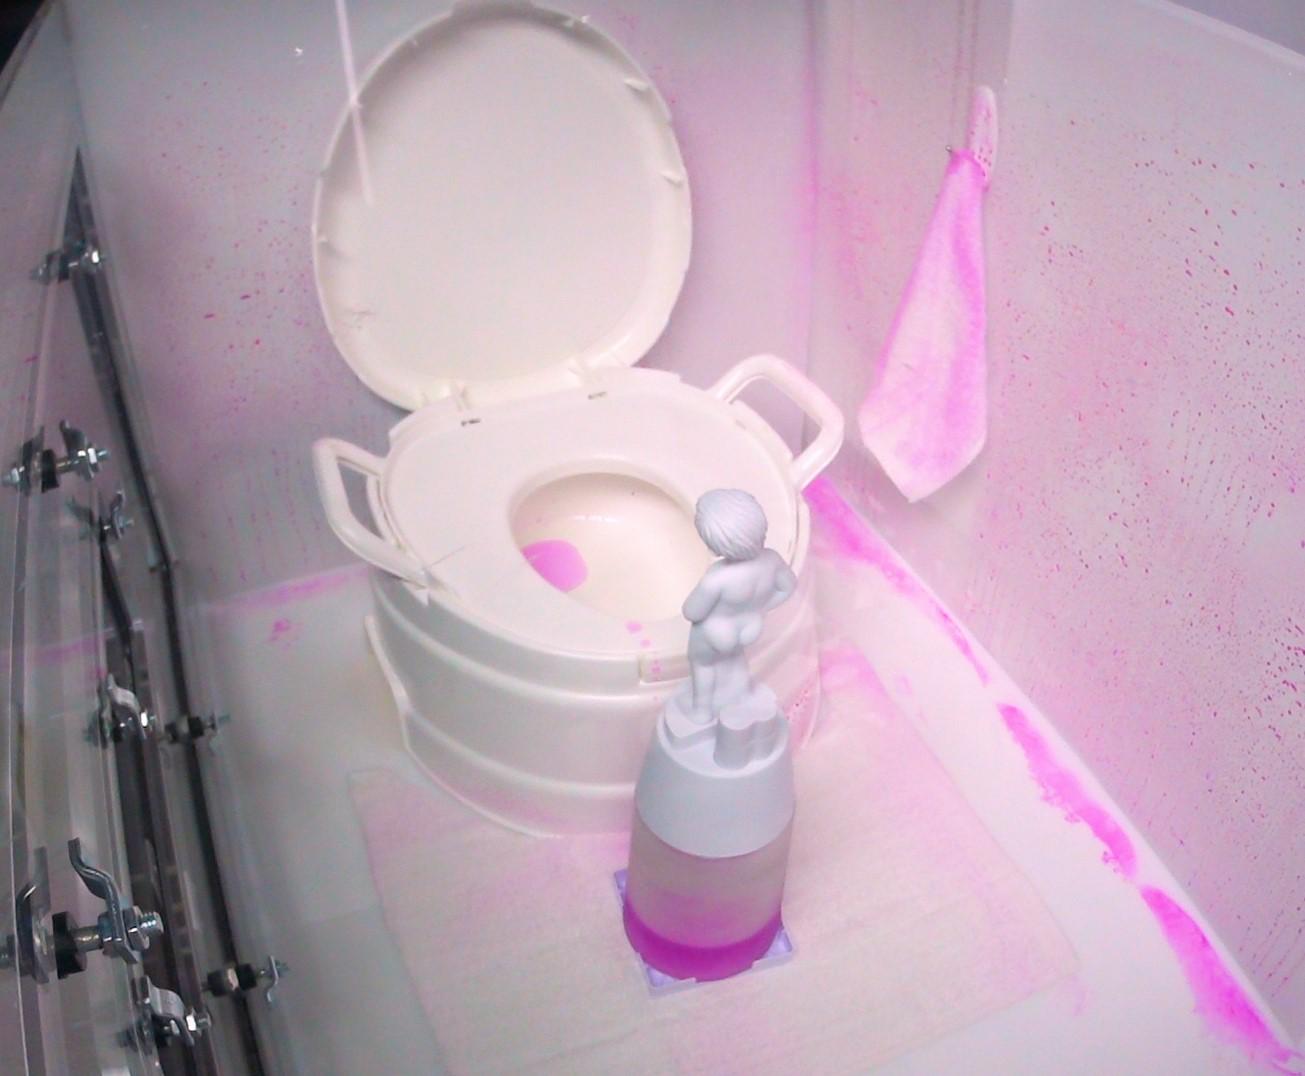 トイレのニオイの原因は実は壁にあった P&Gが研究結果を明らかに